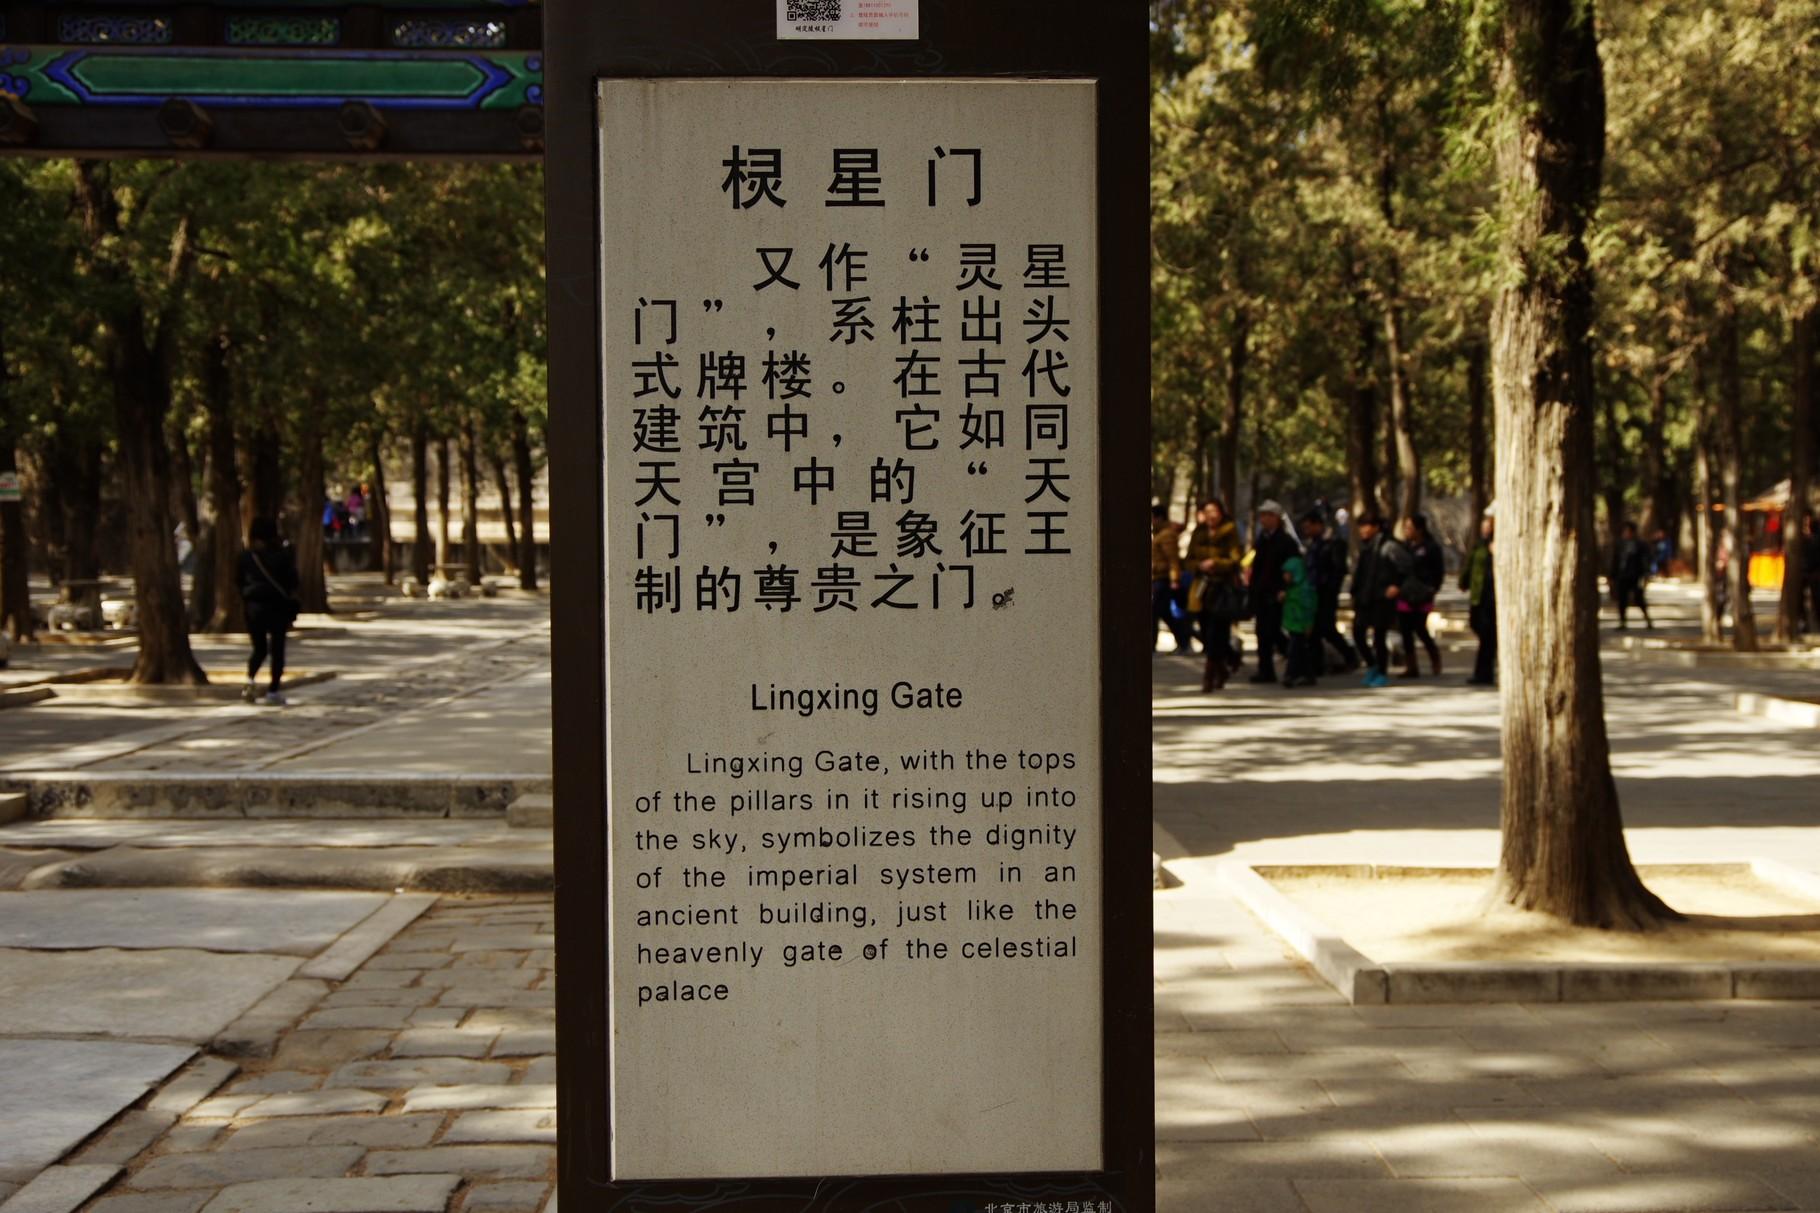 「祾恩殿」跡の基壇を下りると「棂星 lingxing 門」